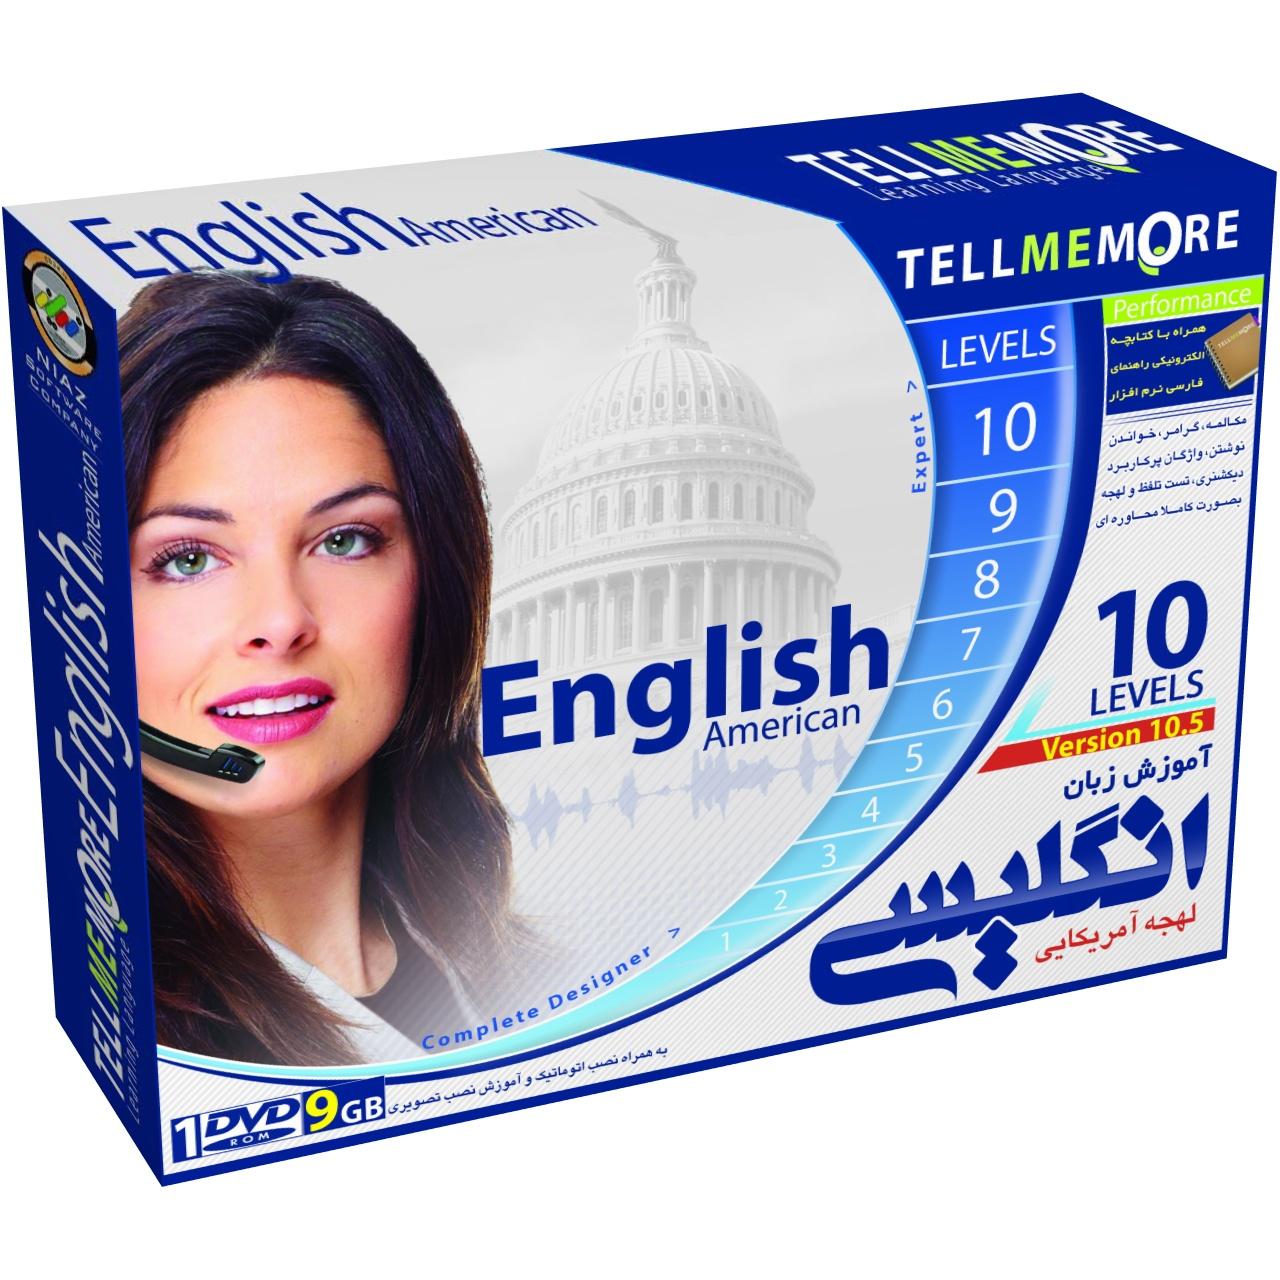 آموزش زبان انگلیسی Tell Me More لهجه آمریکایی نشر نیاز